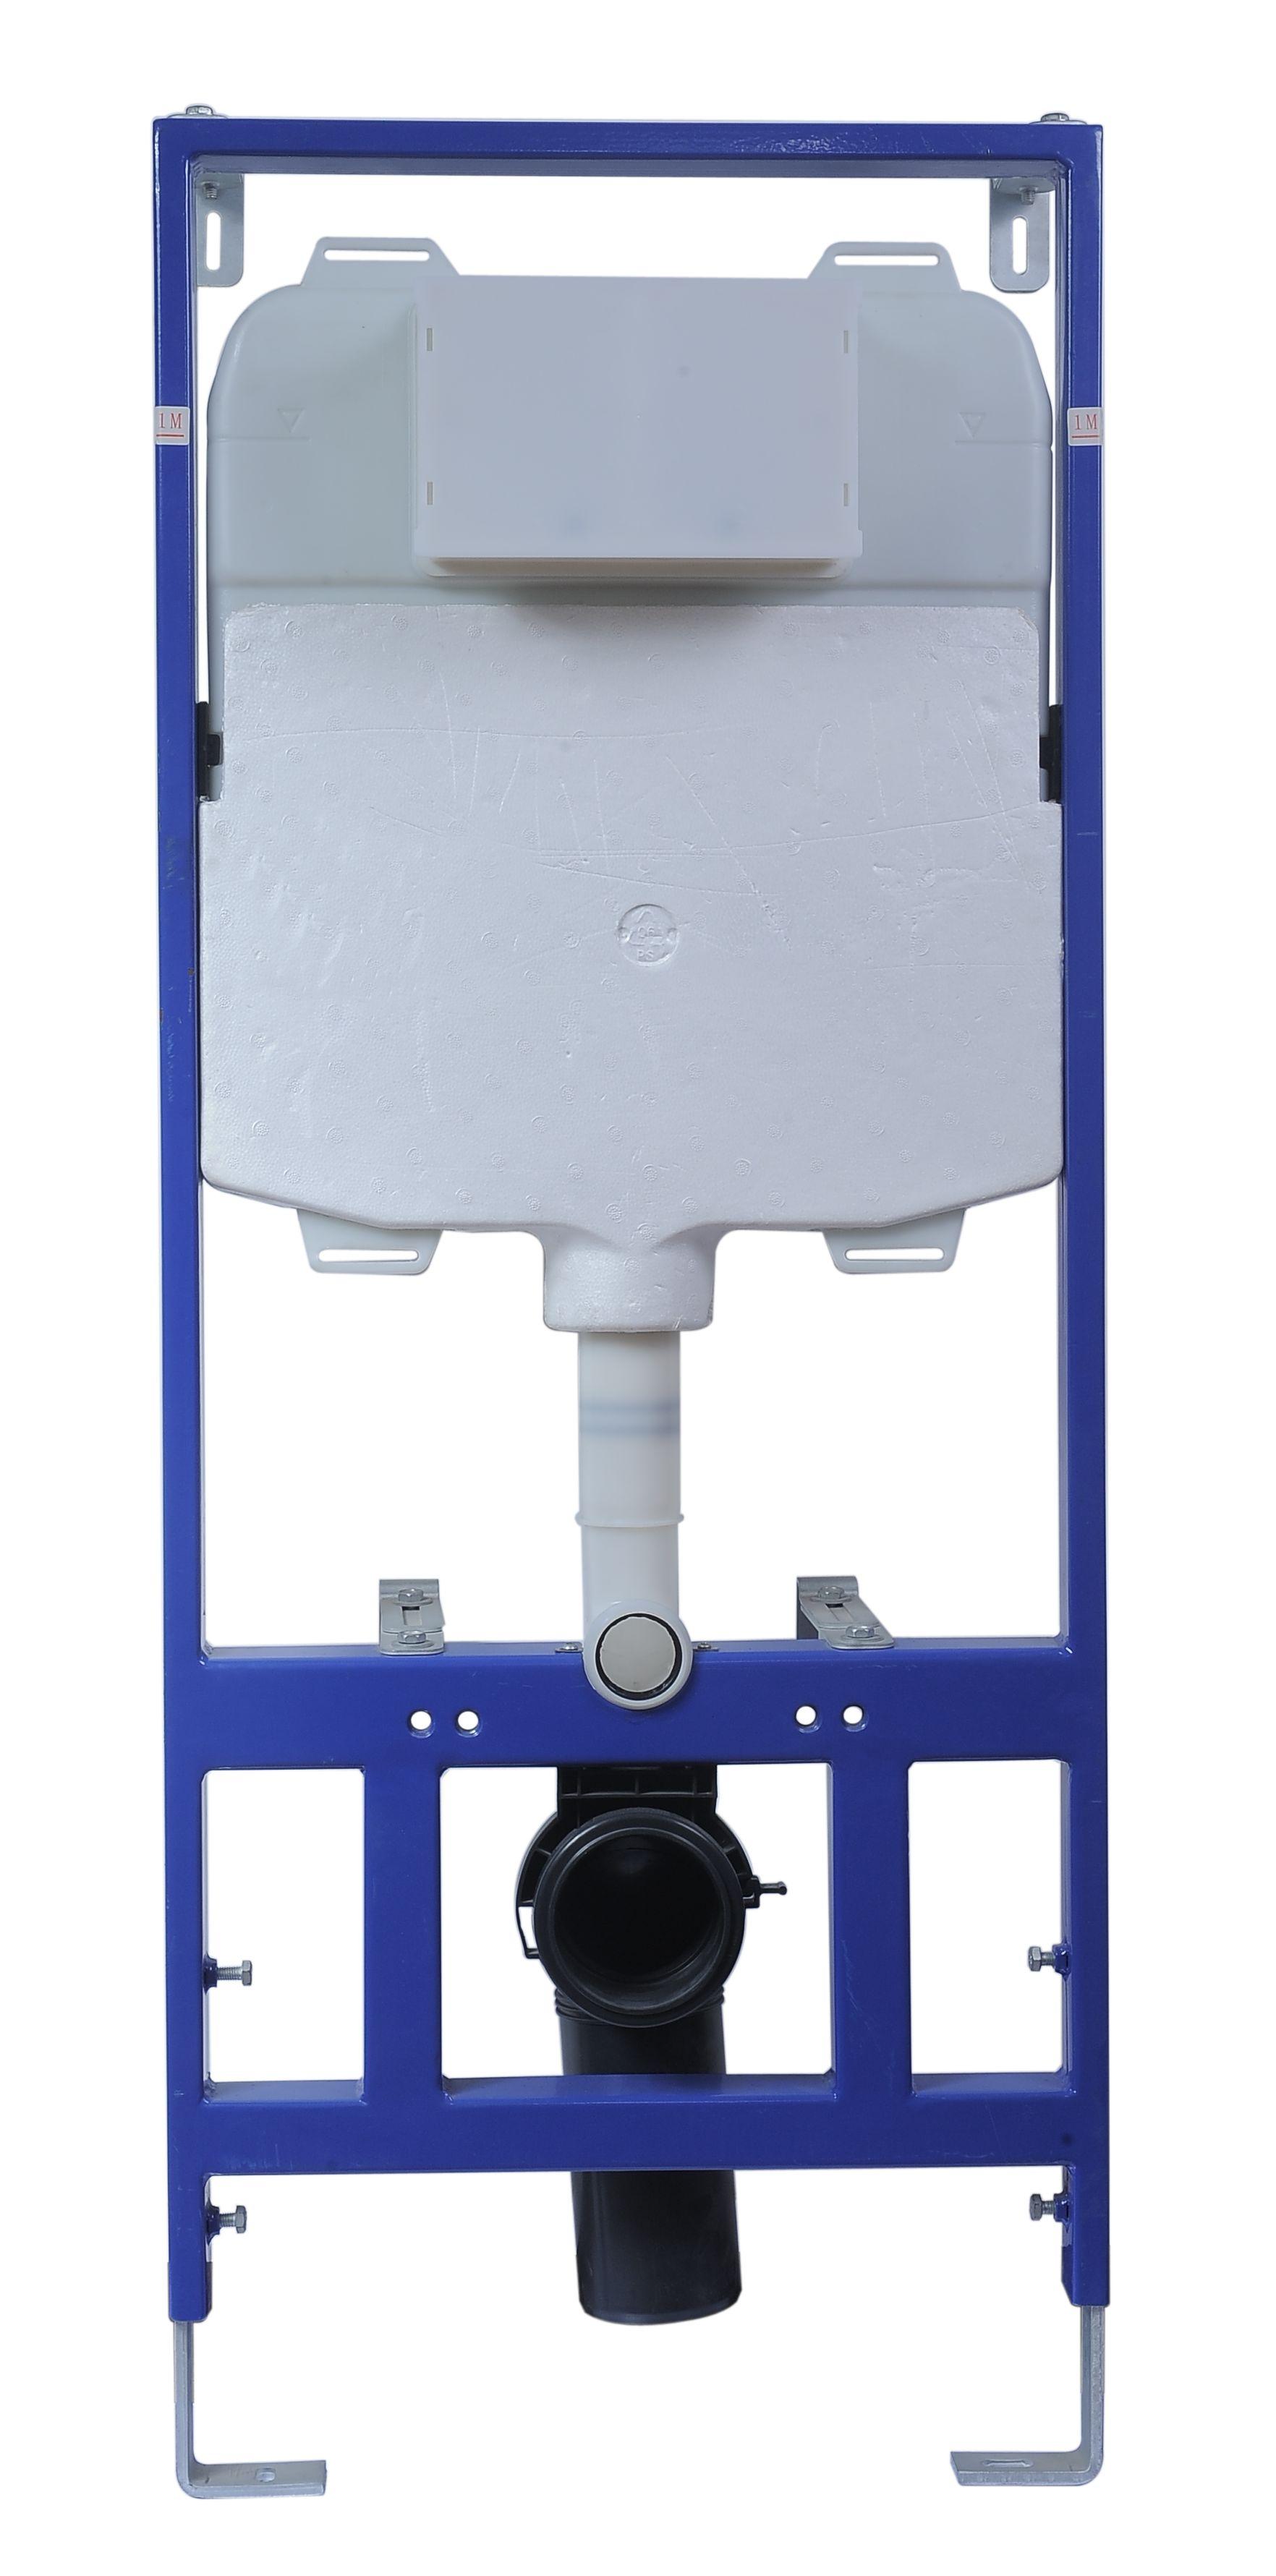 WC Vorwandelement IX-446241 ohne Betätigungsplatte